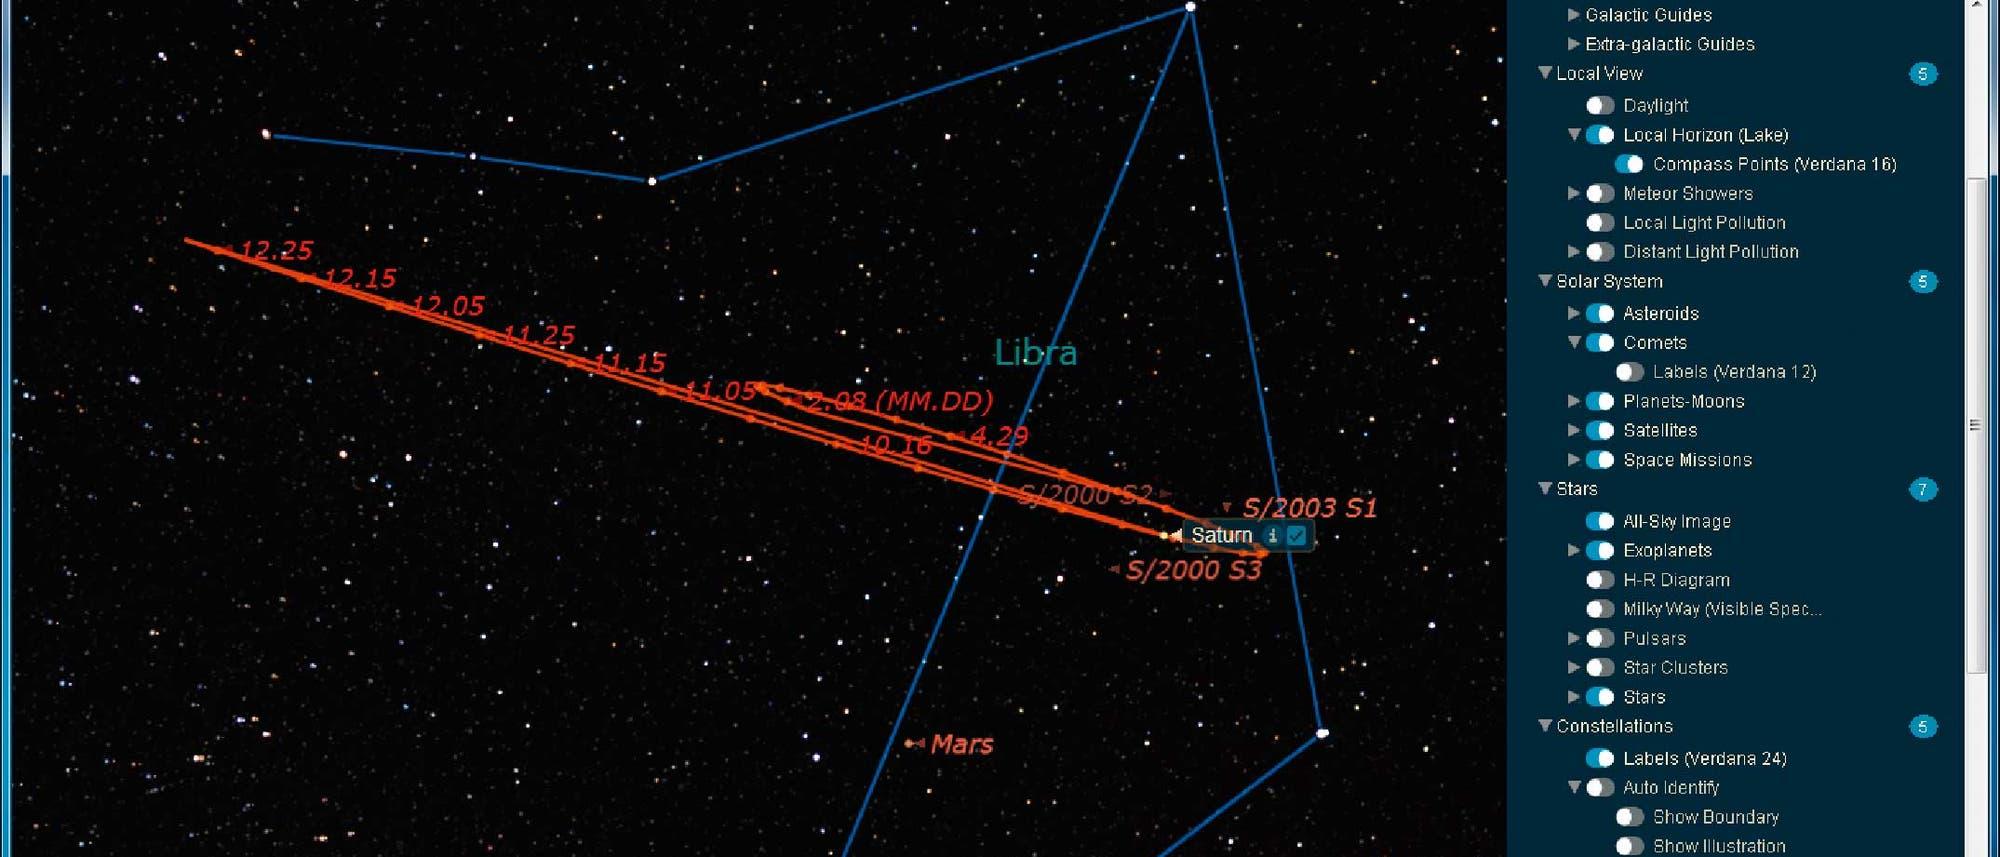 Bahn des Saturn mit der Oppositionsschleife